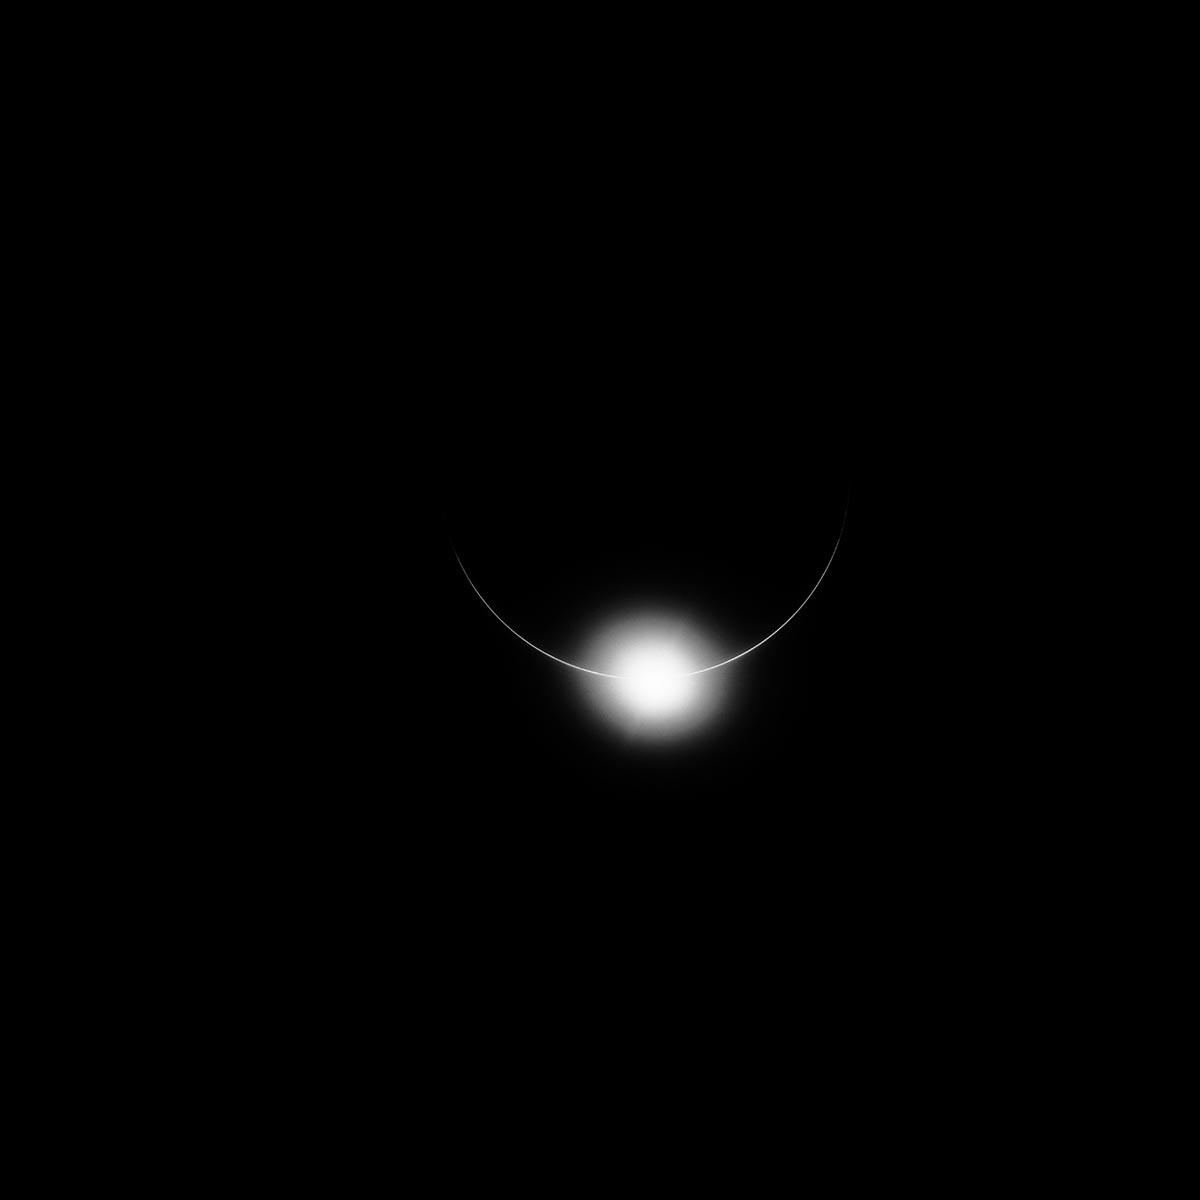 La Terra fotografata dall'astronauta Alan Bean dell'Apollo 12